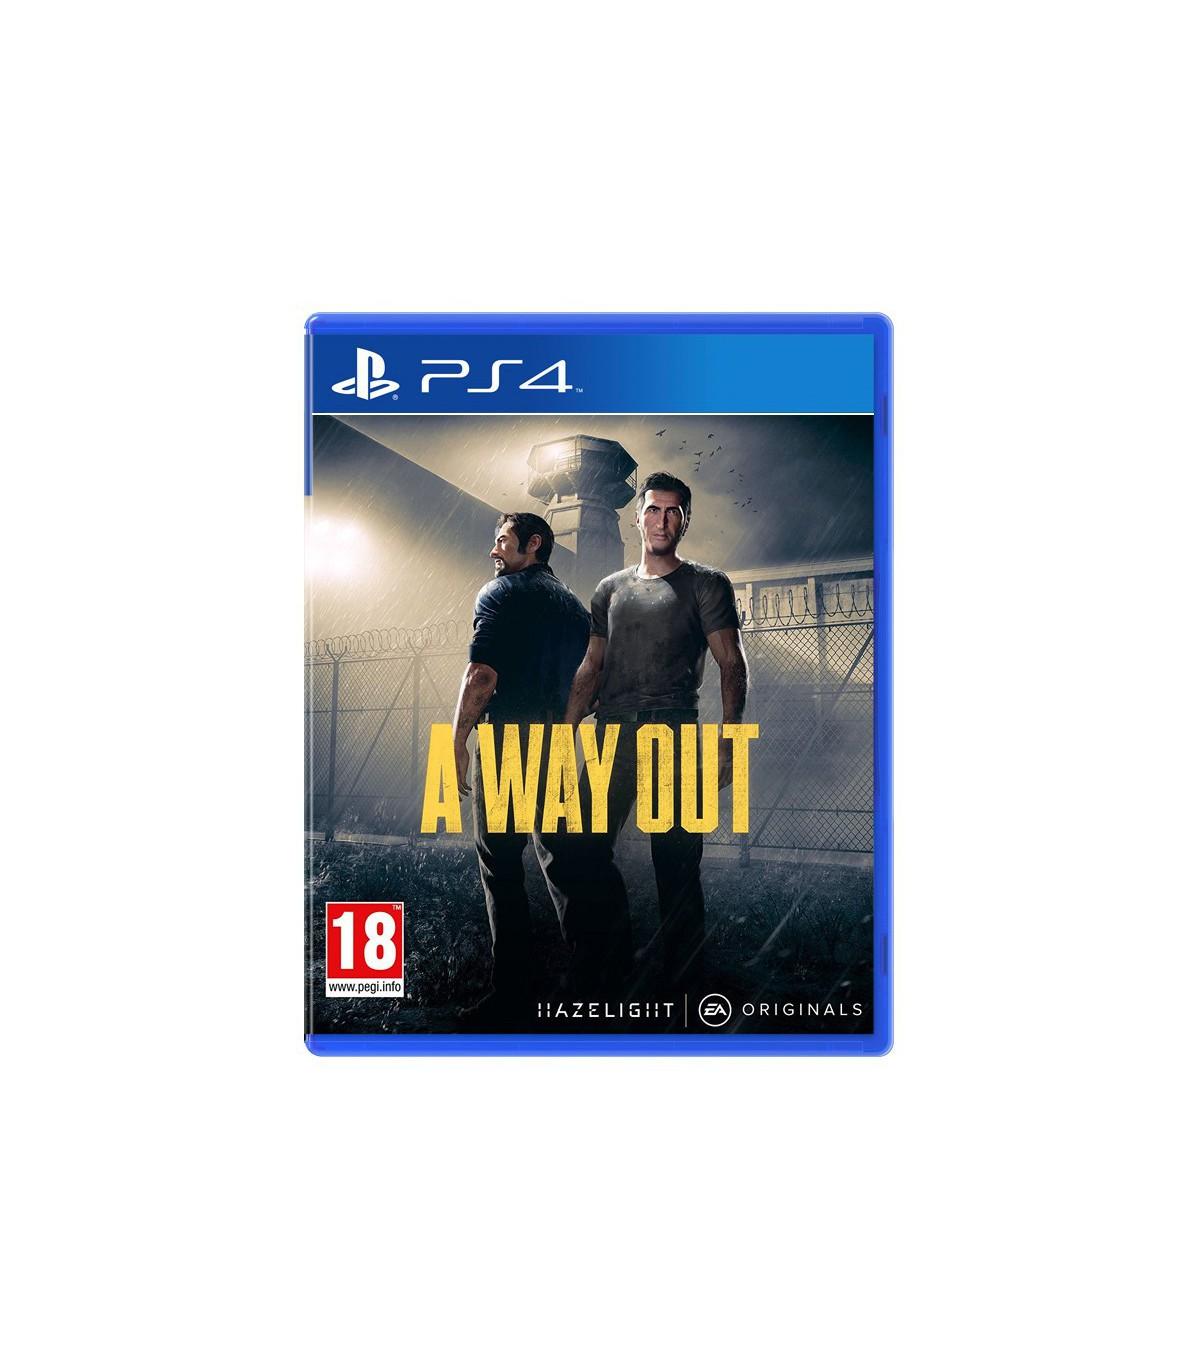 بازی a way out کارکرده - پلی استیشن 4